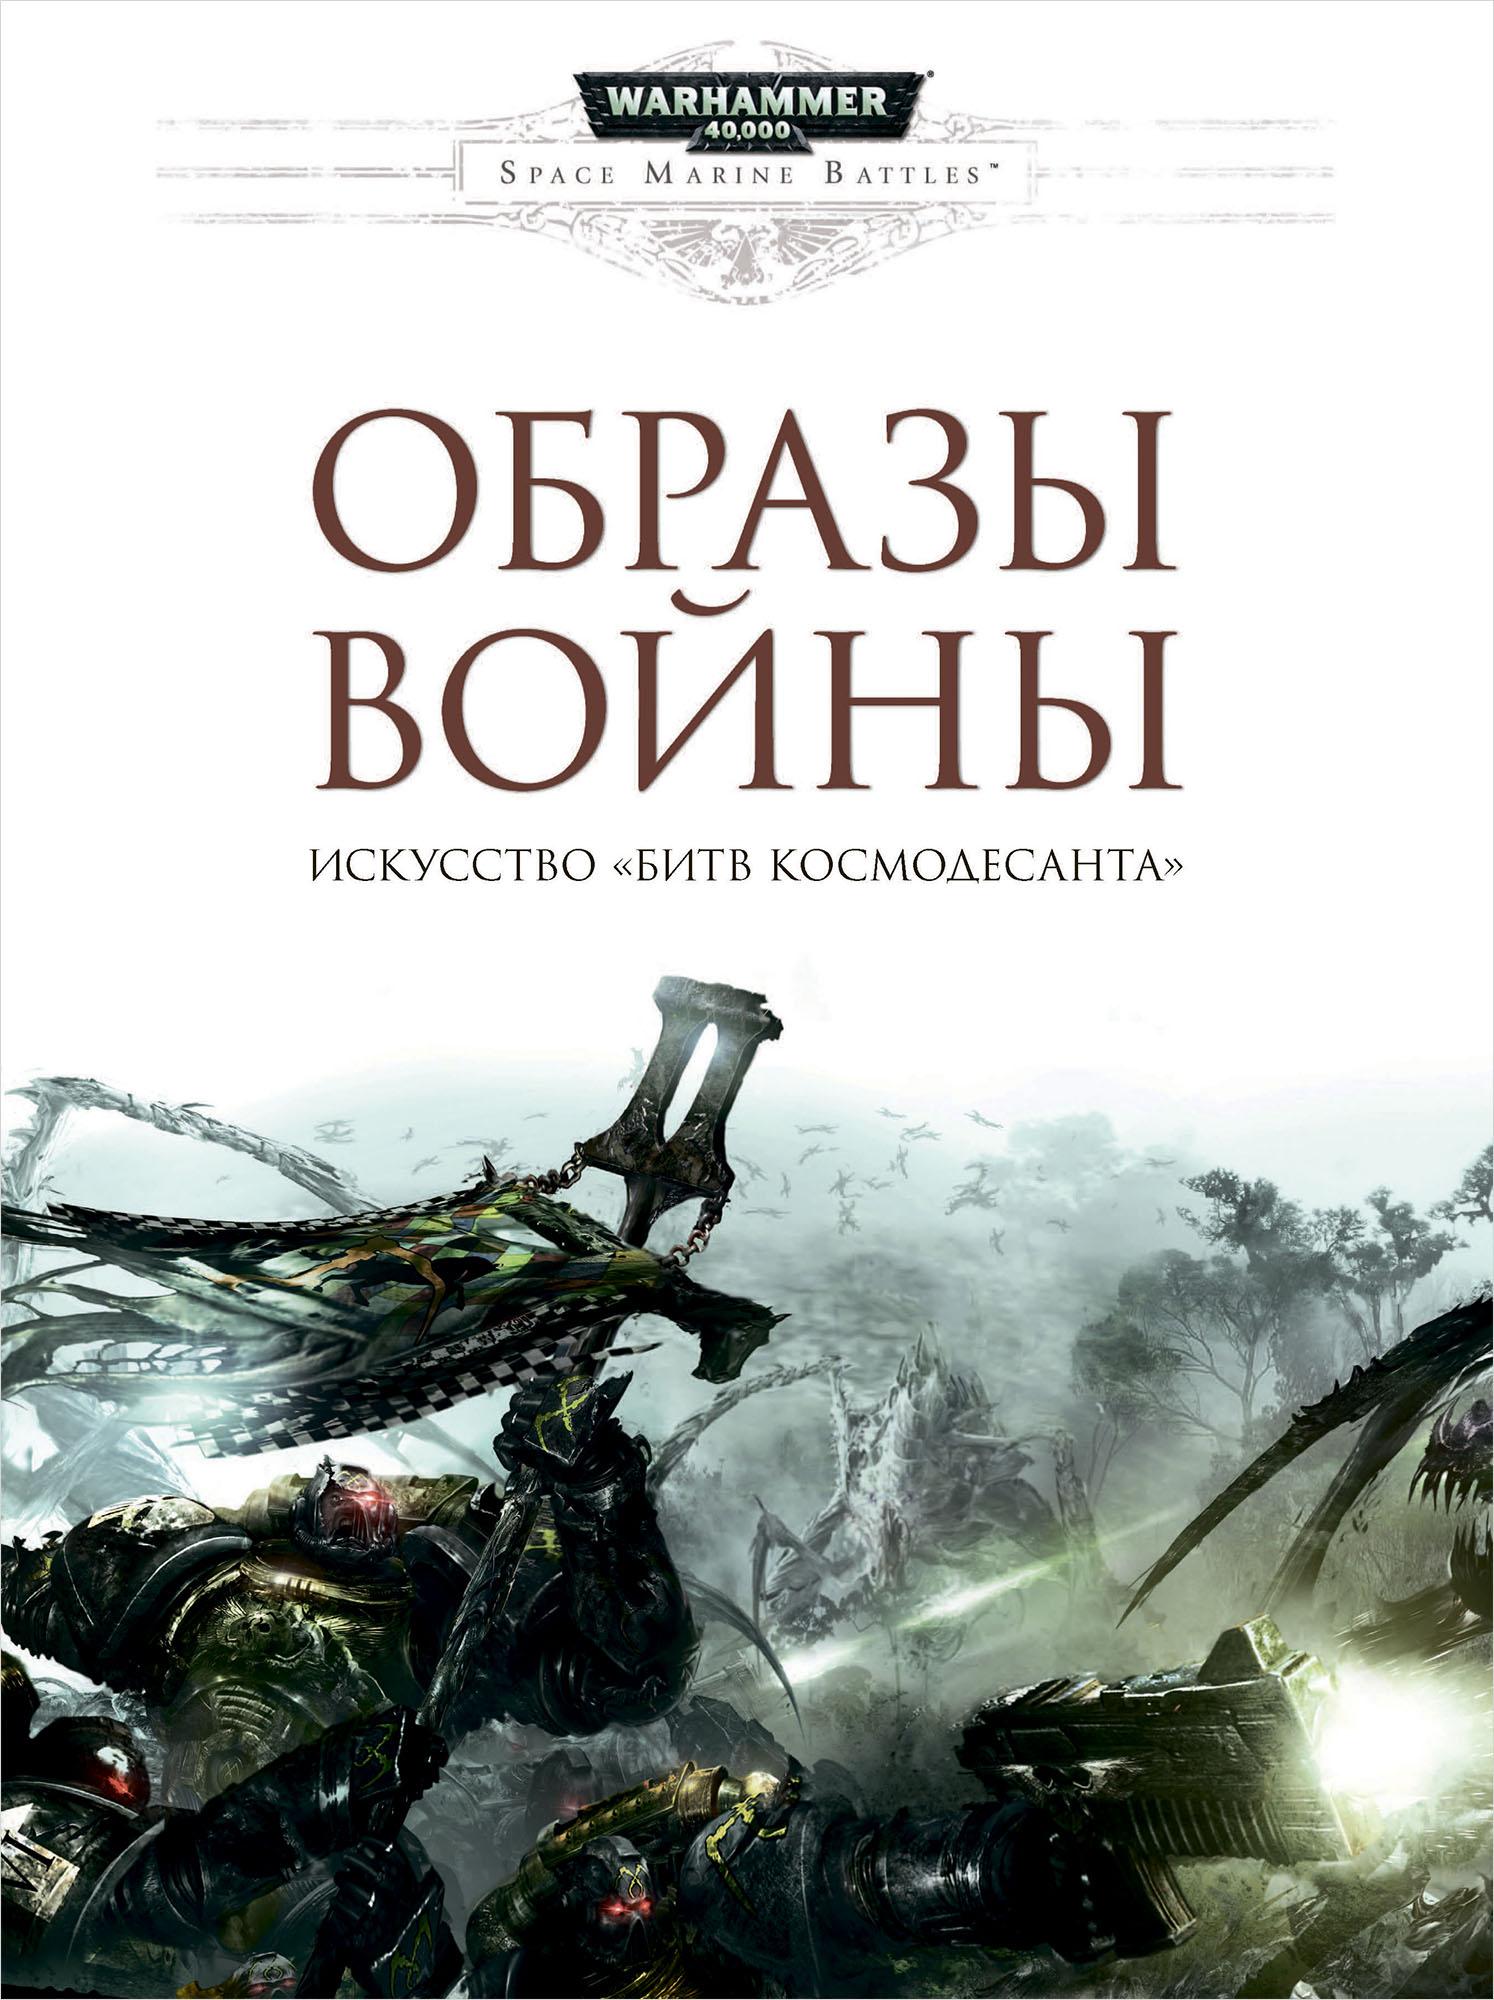 Артбук Warhammer 40 000: Образы войны – Искусство Битв космодесанта фото